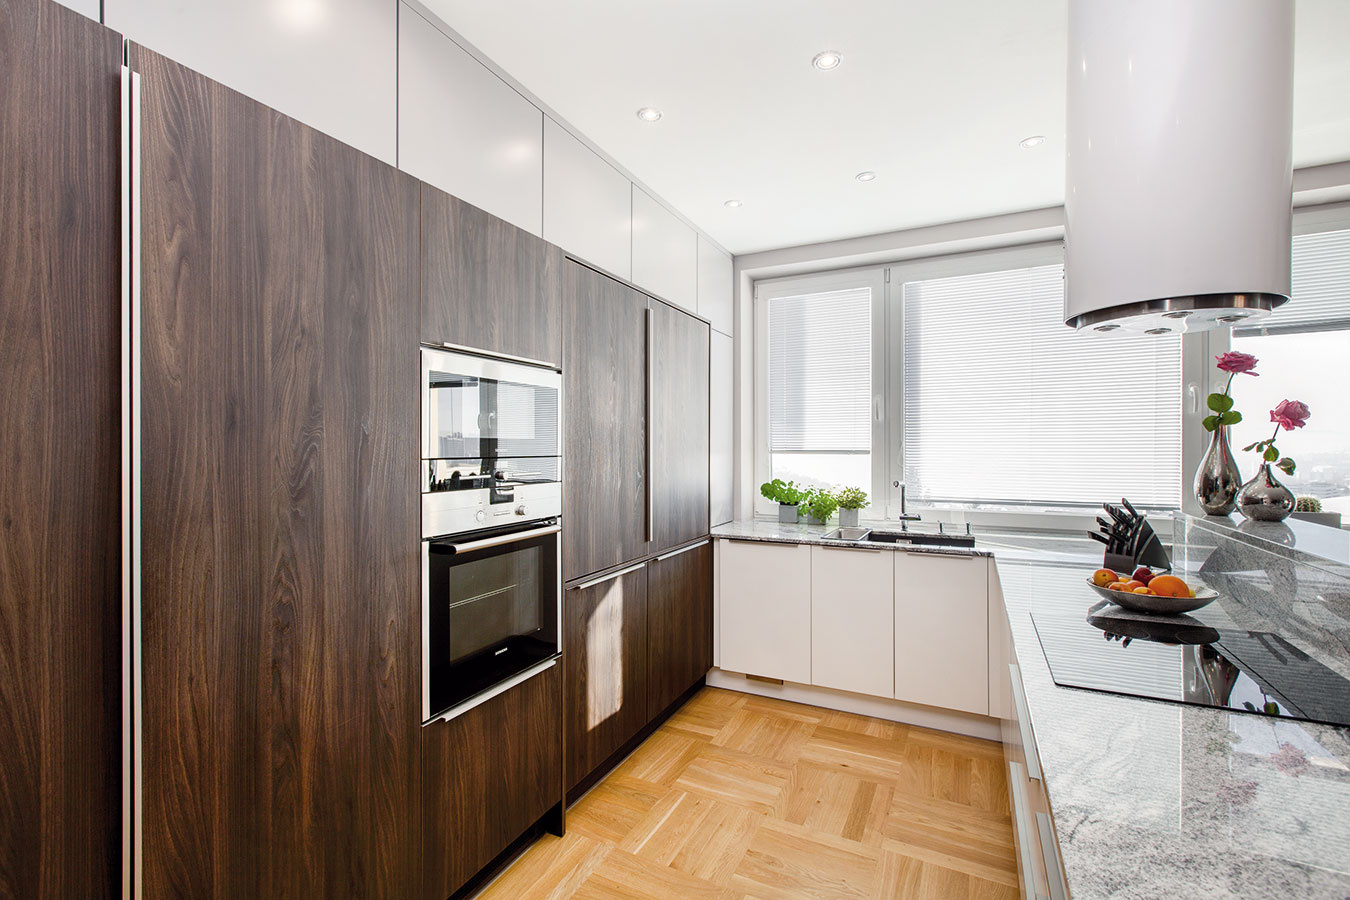 V zadnej časti kuchyne, ktorá je vduchu dnešných trendov zložená zo samých vysokých skríň, sú zabudované spotrebiče. Keďže úložných priestorov nie je vkuchyni nikdy dosť, sivá plocha okolo je vyskladaná zo skriniek – vďaka dvierkam sotváraním push-to-open však pôsobia ako stena.